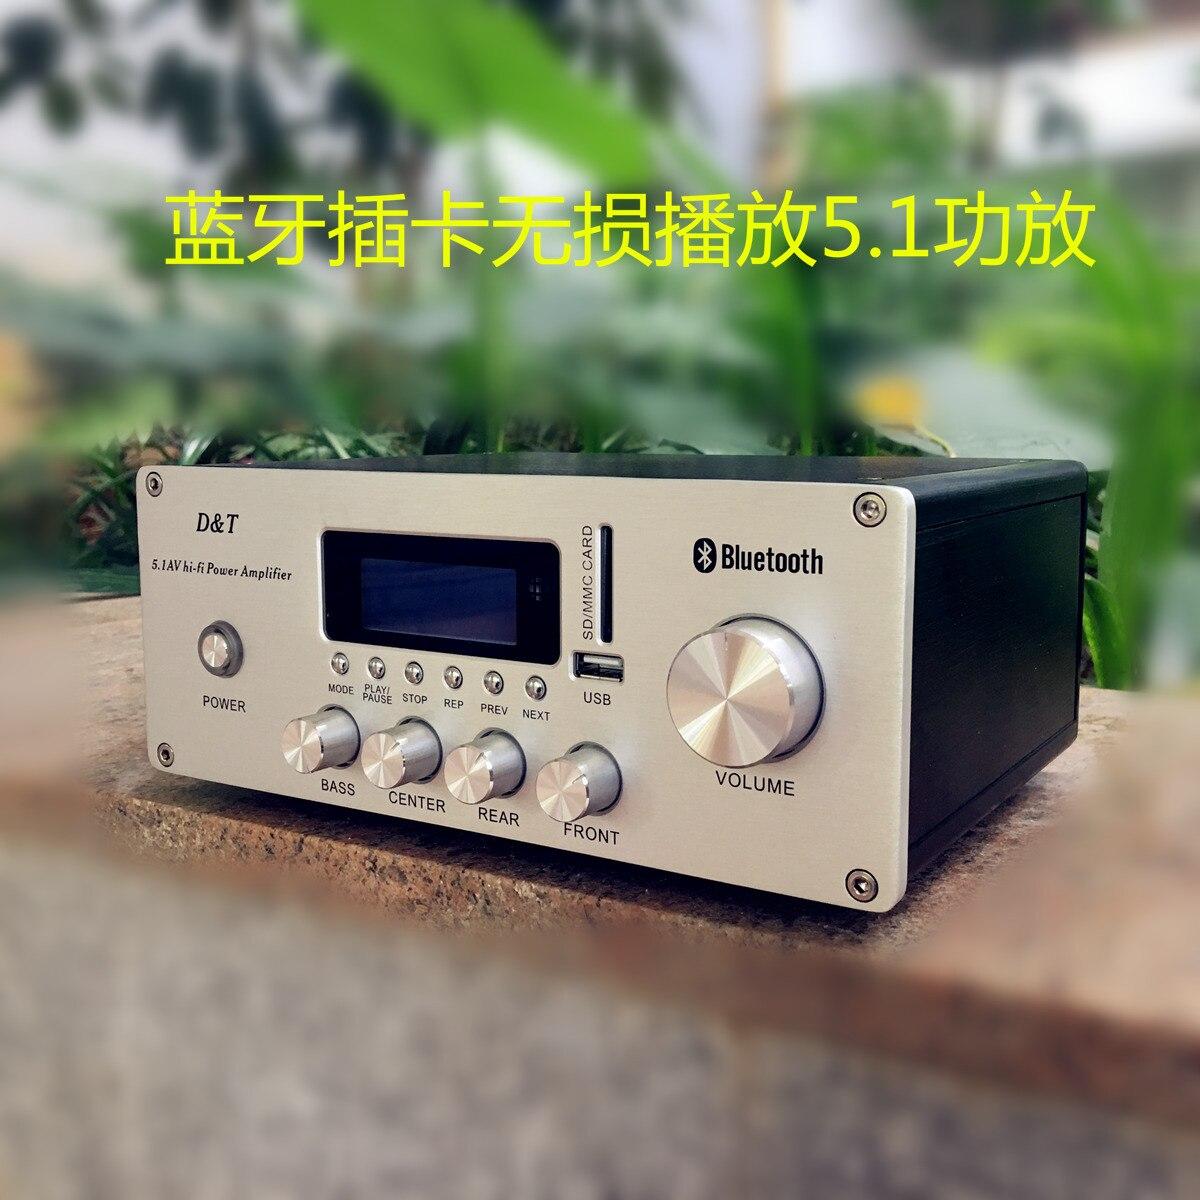 5,1 канал Bluetooth USB канала карты, чтобы играть lossless музыка 6 канала домашнего аудио и видео усилитель